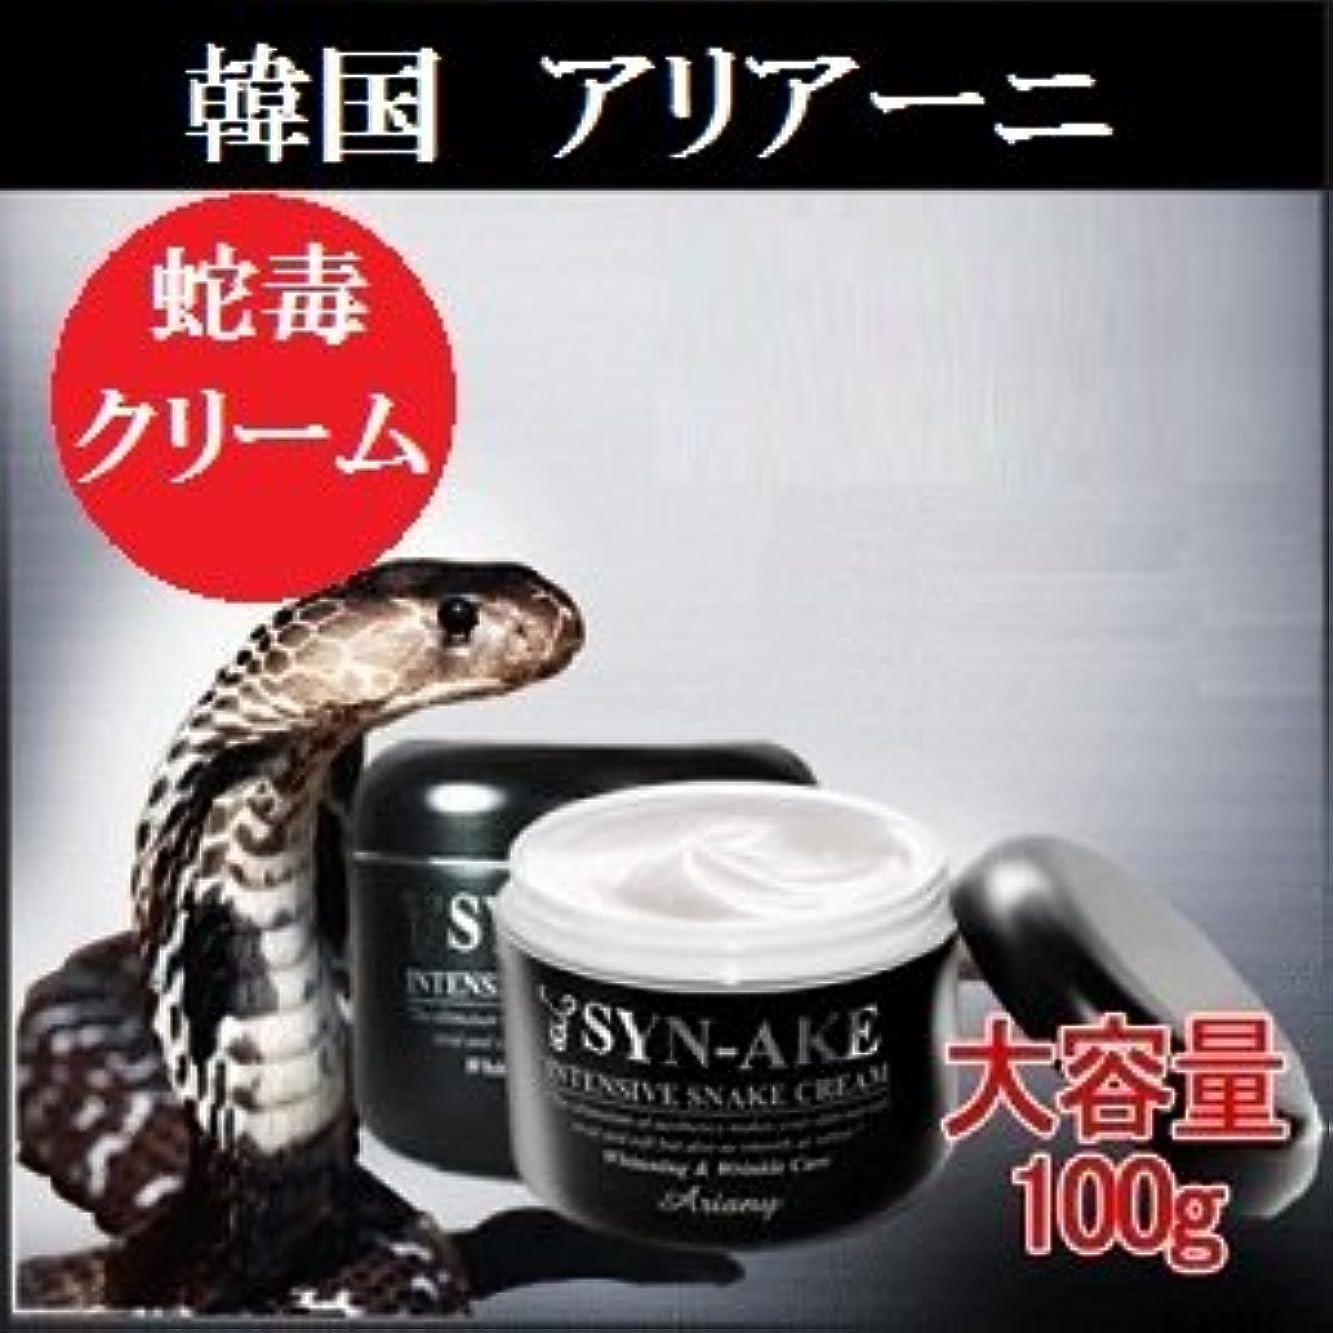 世界扇動食器棚韓国アリアー二 (Ariany) シンエイク 毒蛇クリーム